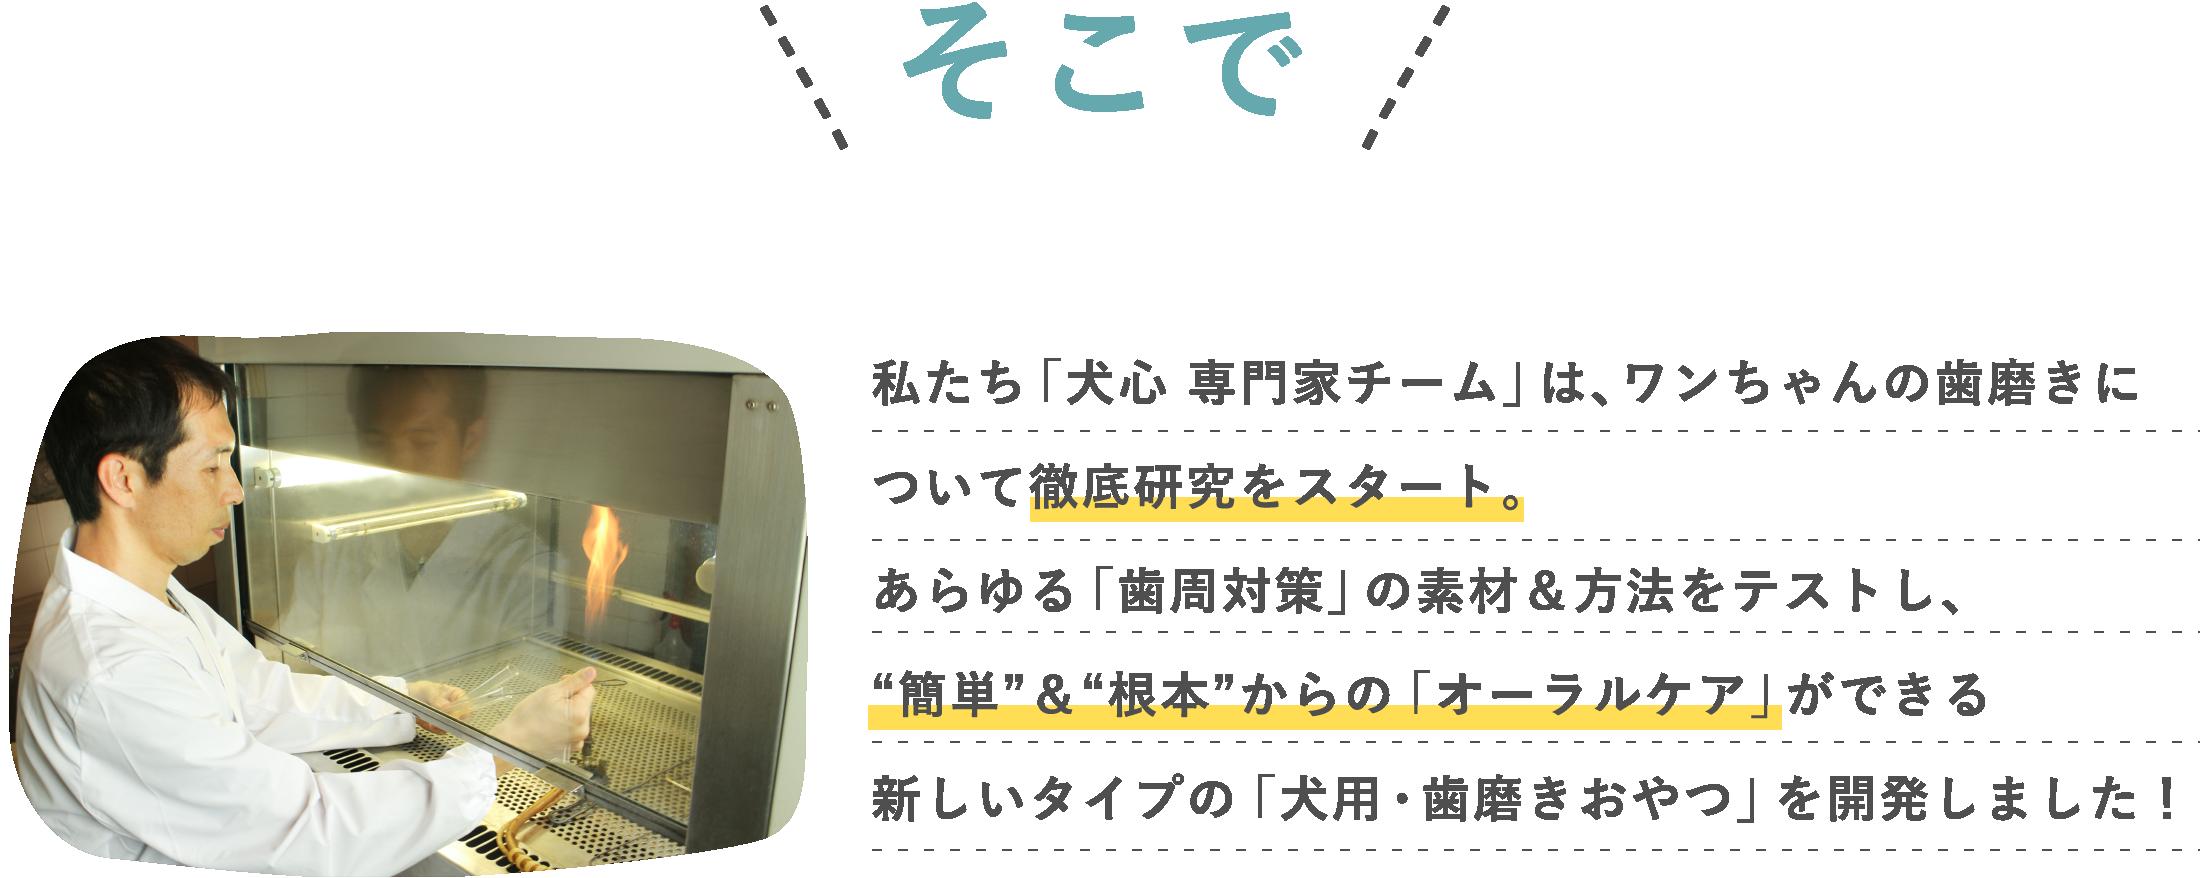 私達はあらゆる歯周対策の素材と方法をテストし「簡単&根本」からのオーラルケアができる歯磨きおやつを開発しました